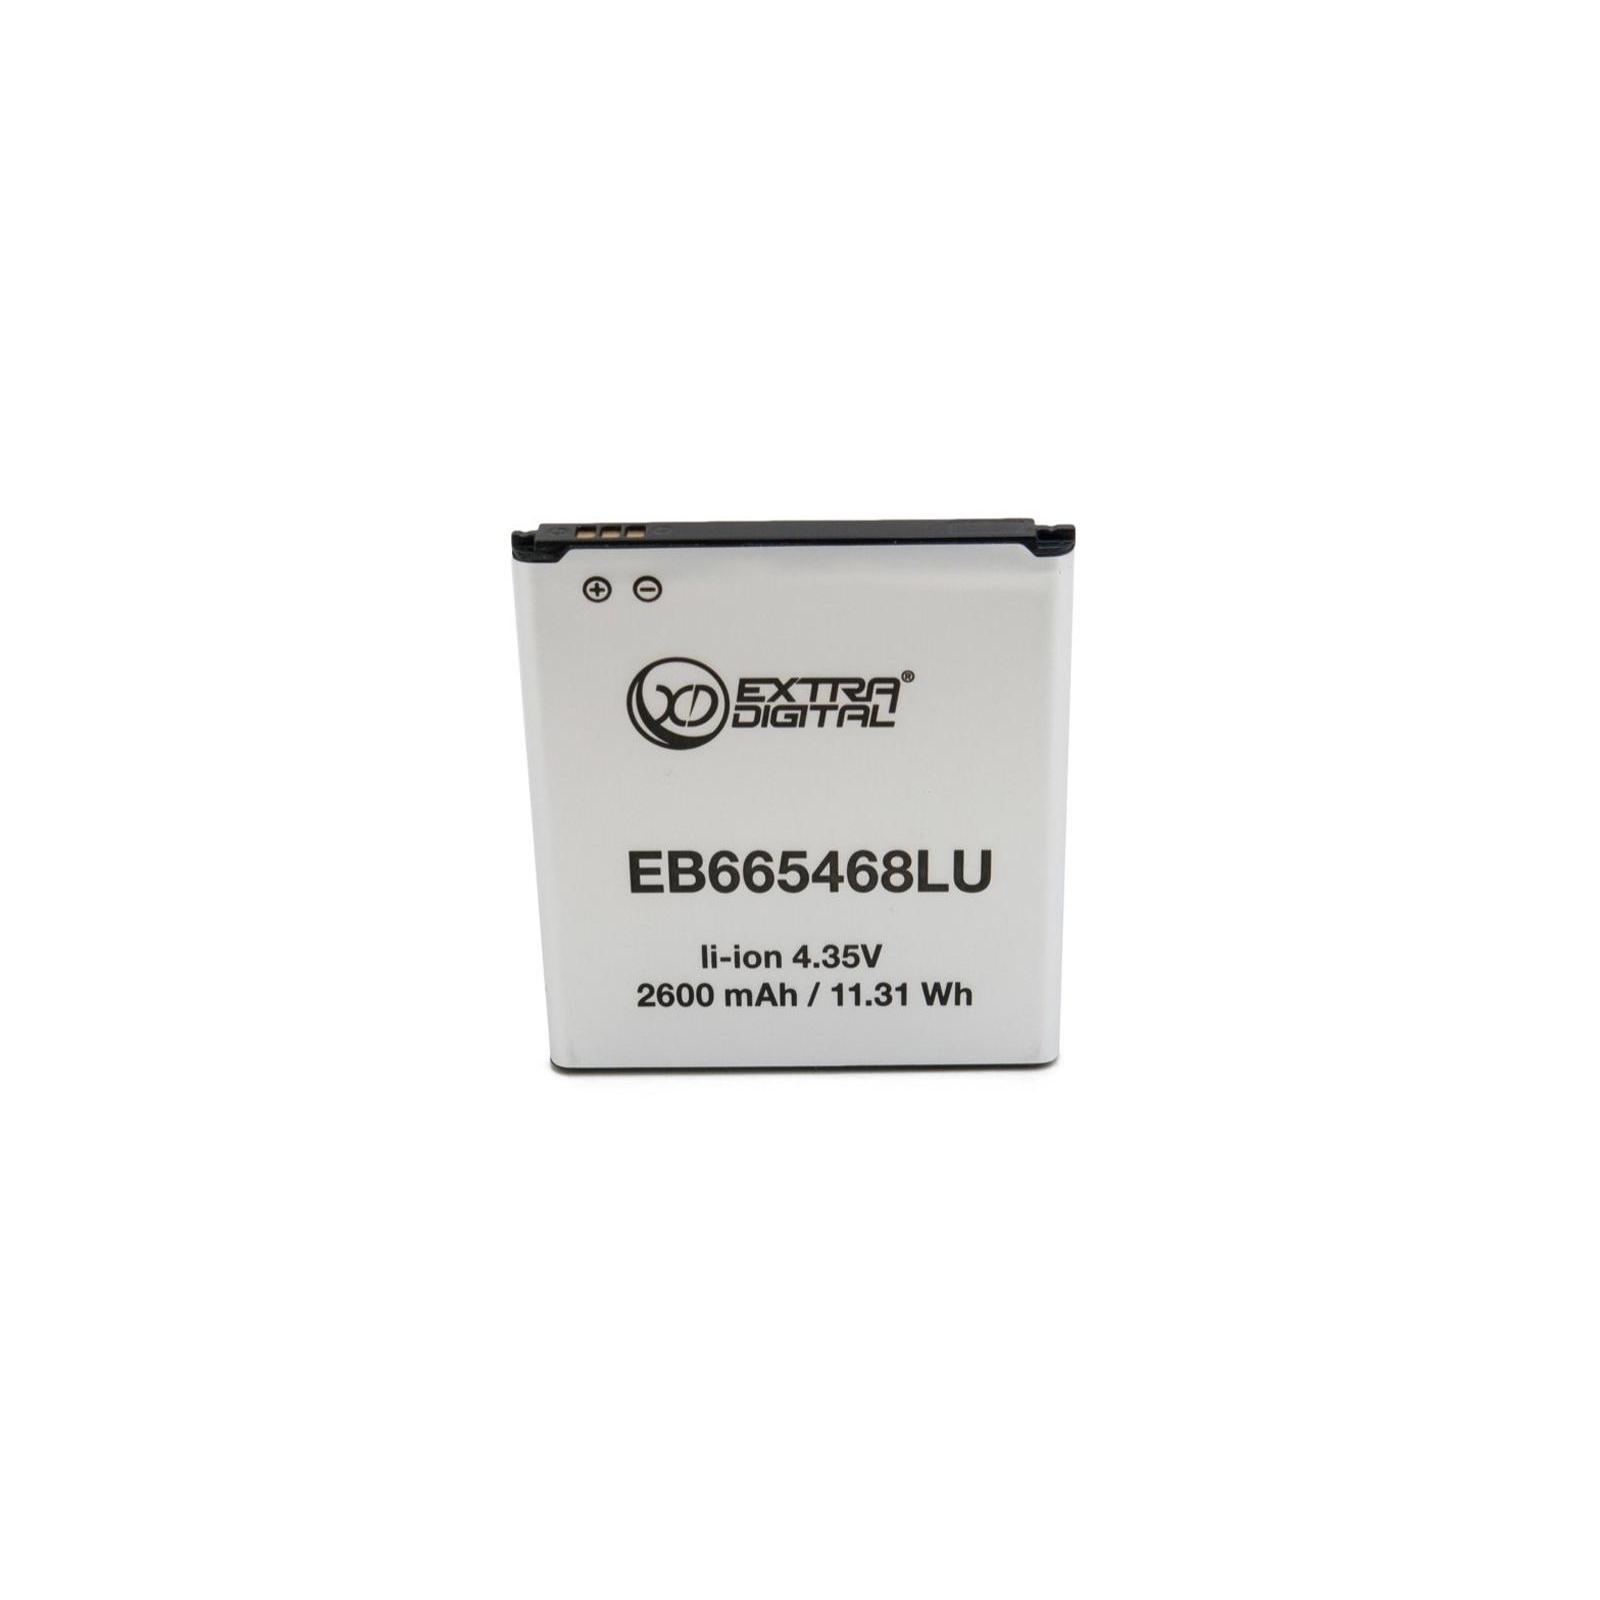 Аккумуляторная батарея EXTRADIGITAL Samsung Galaxy Grand 2 Duos G7102 (2600 mAh, EB665468LU) (BMS6417) изображение 2